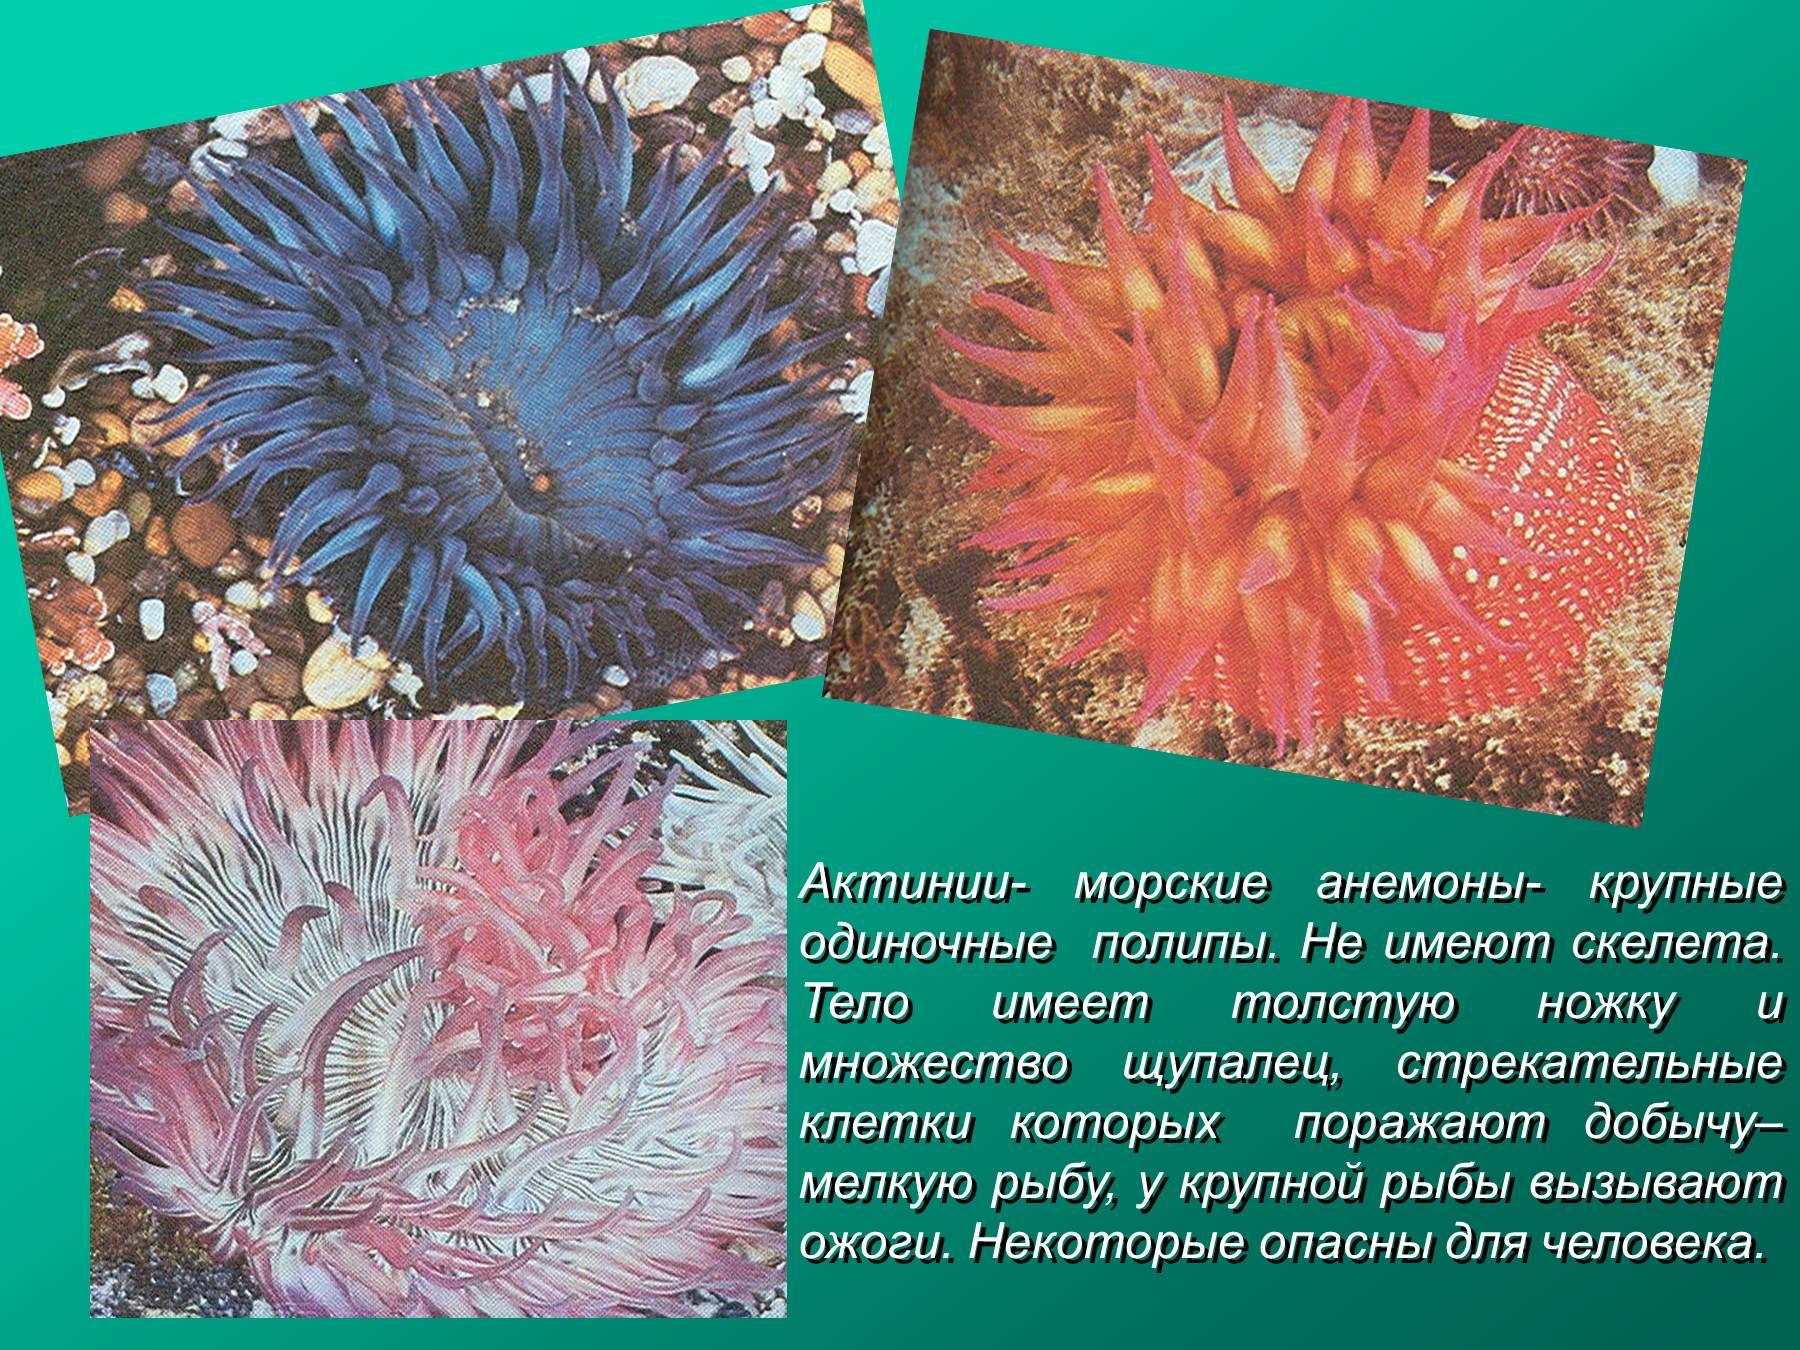 sredi-korallovih-polipov-est-germafroditi